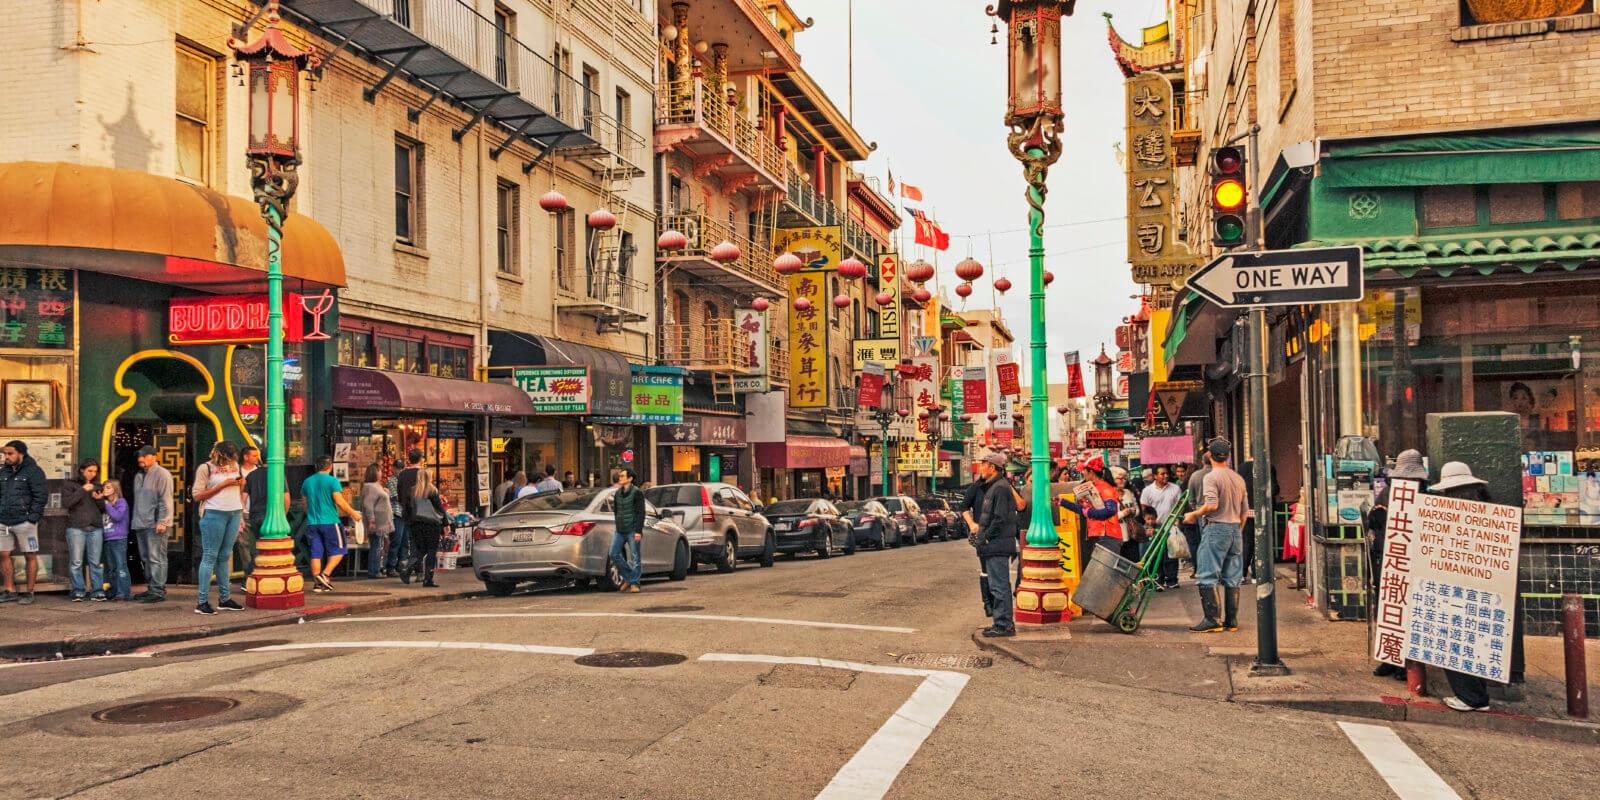 Cannabis ban coming to San Francisco's Chinatown?